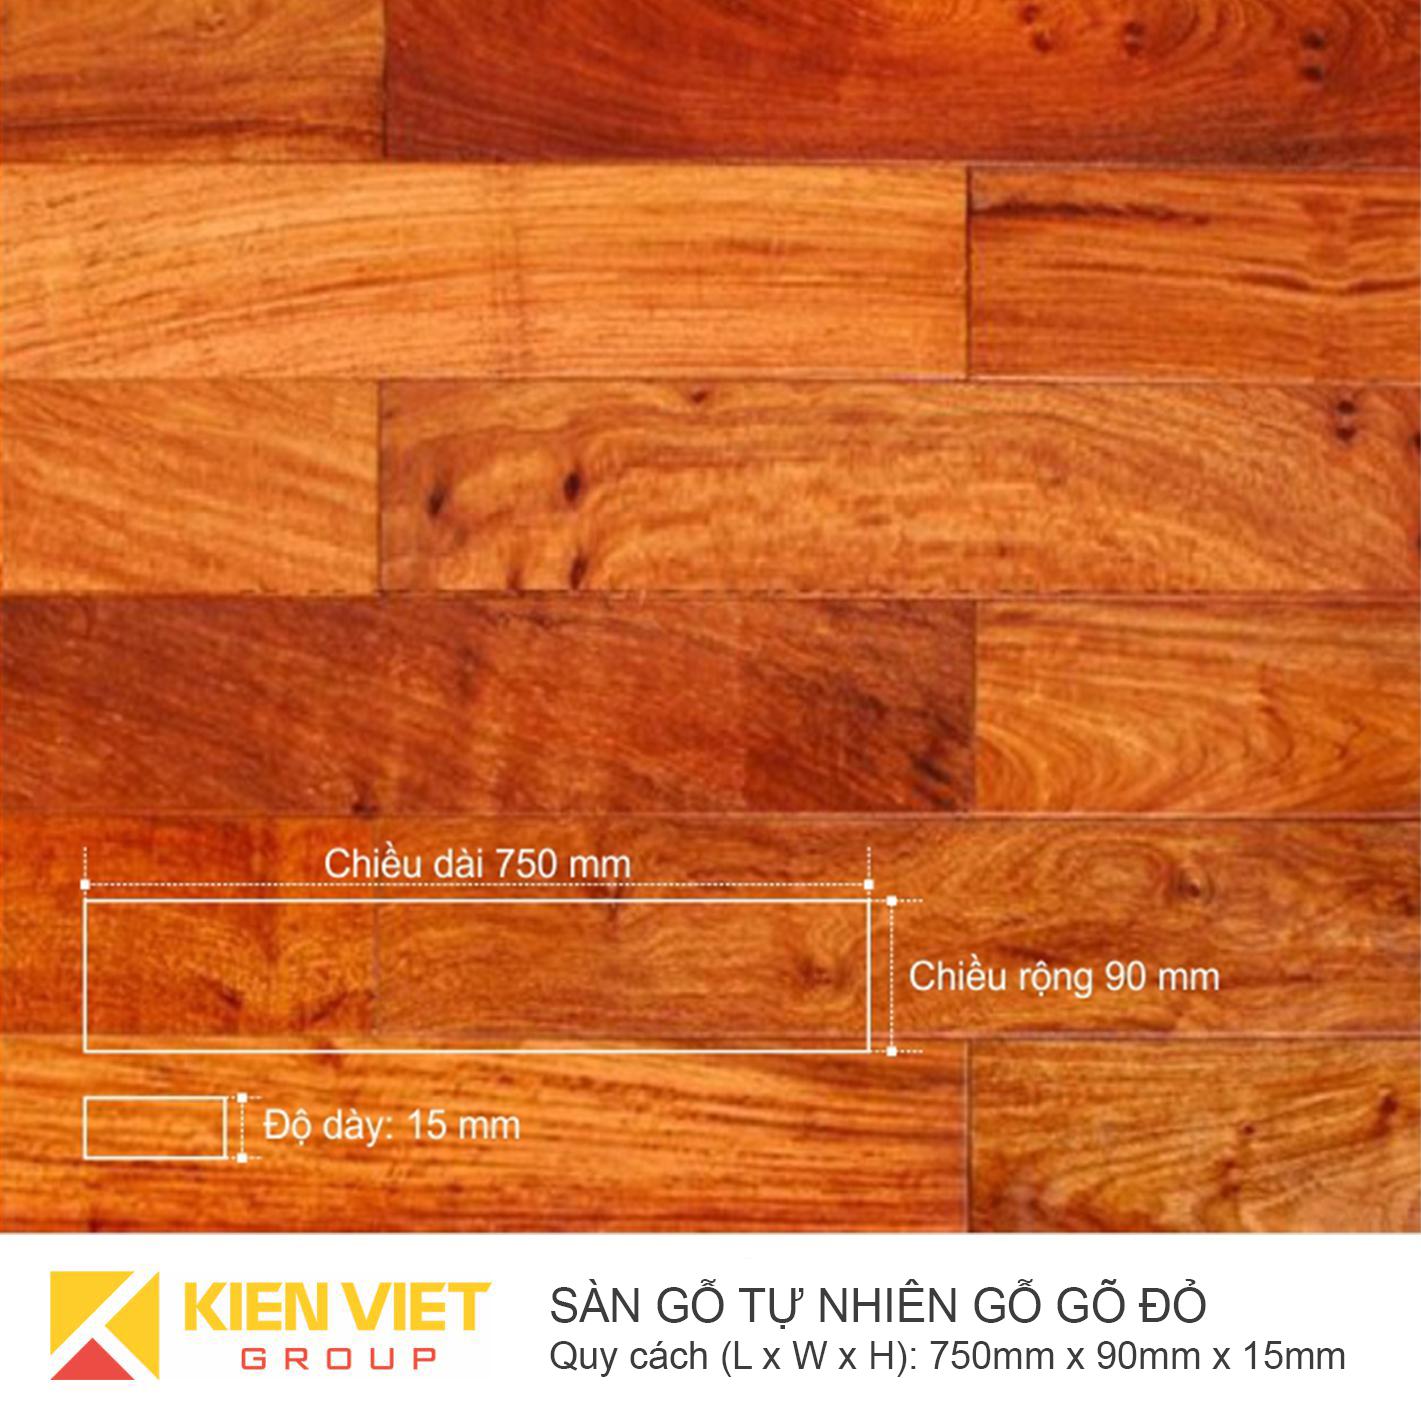 Sàn gỗ tự nhiên gõ đỏ 750x15mm